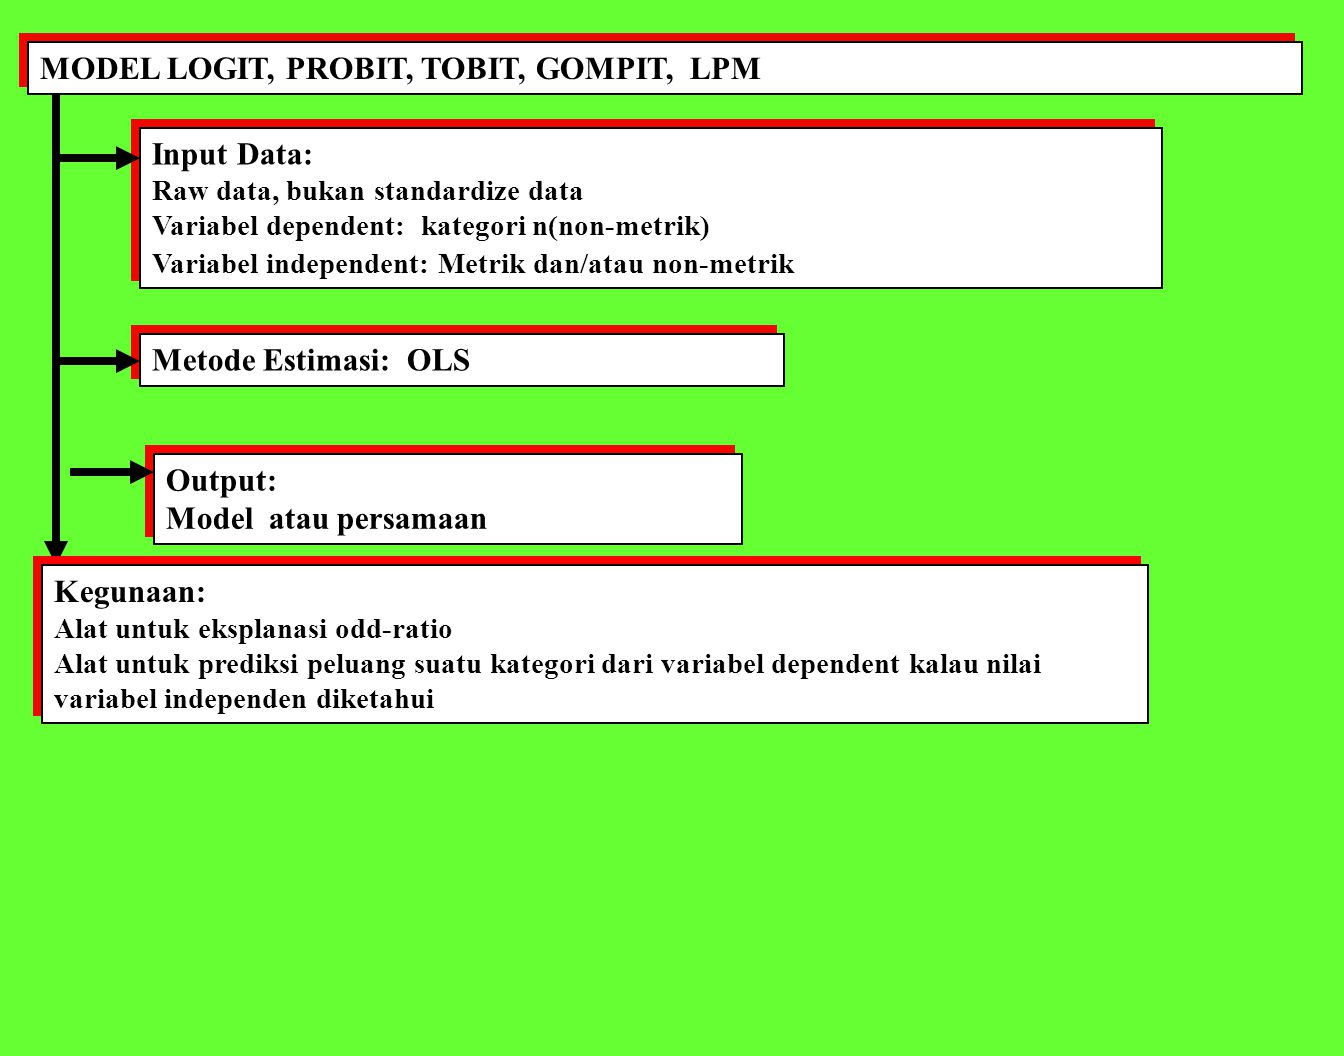 MODEL LOGIT, PROBIT, TOBIT, GOMPIT, LPM